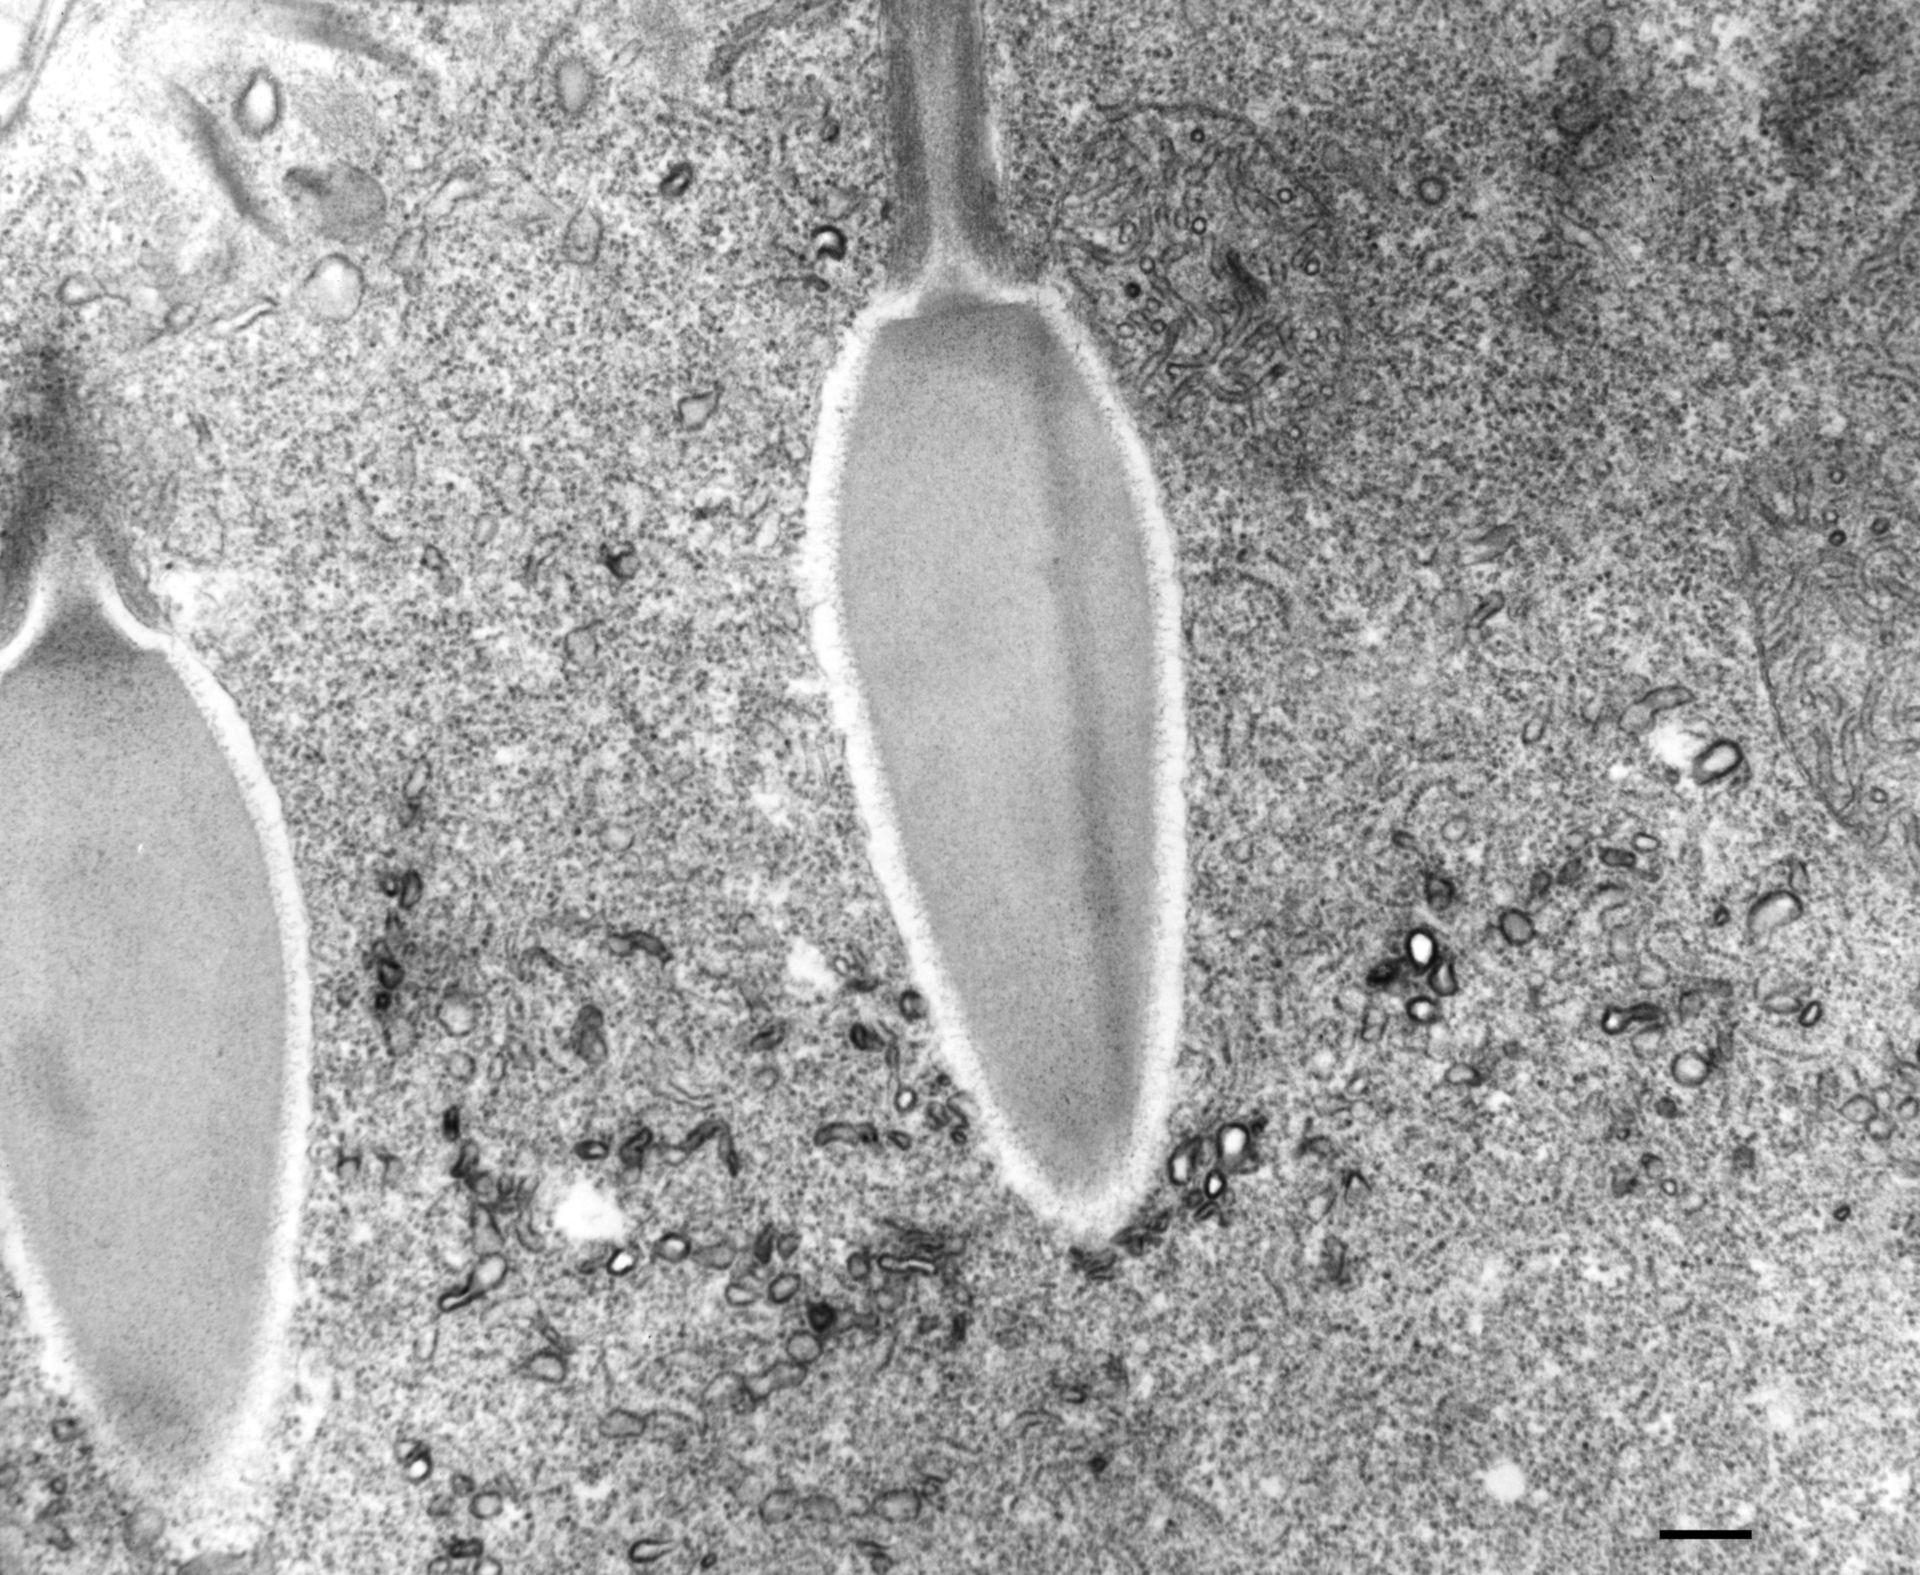 Paramecium multimicronucleatum (Citoplasma) - CIL:36683